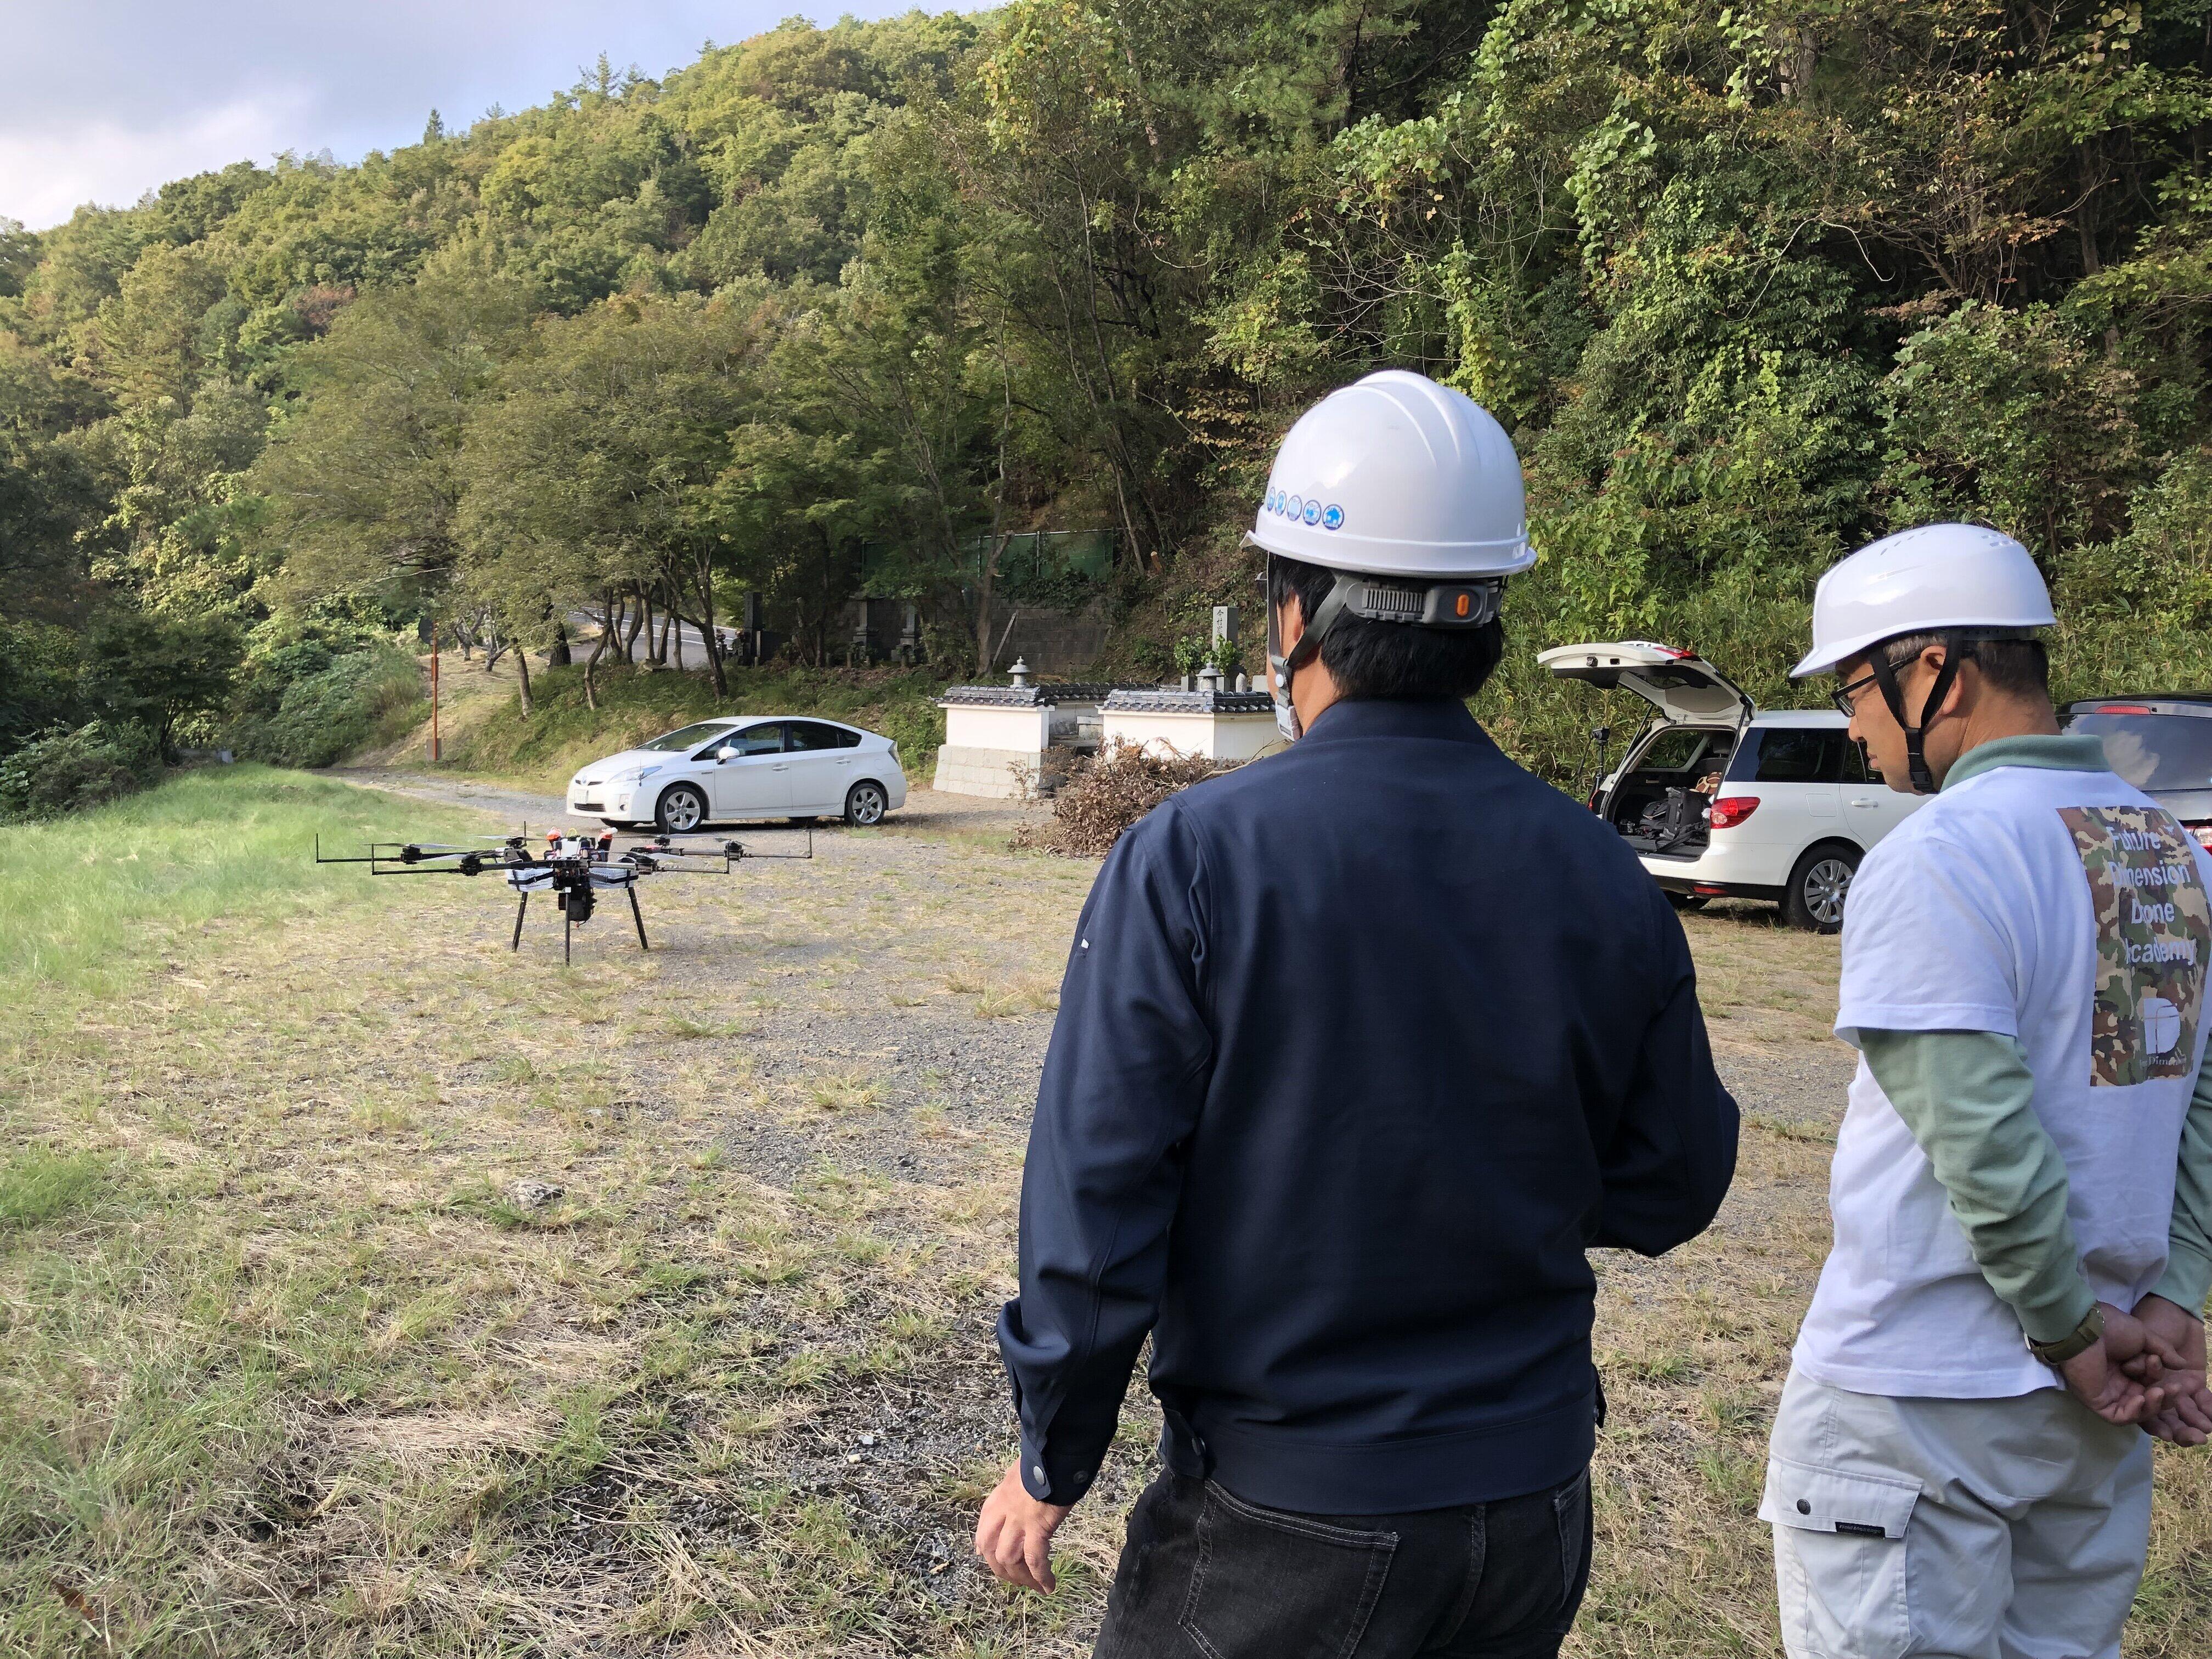 「和気町ドローン物流検証実験協議会」が岡山県和気町で行った配送実験の様子(フューチャー・ディメンション・ドローン・インスティチュート提供)